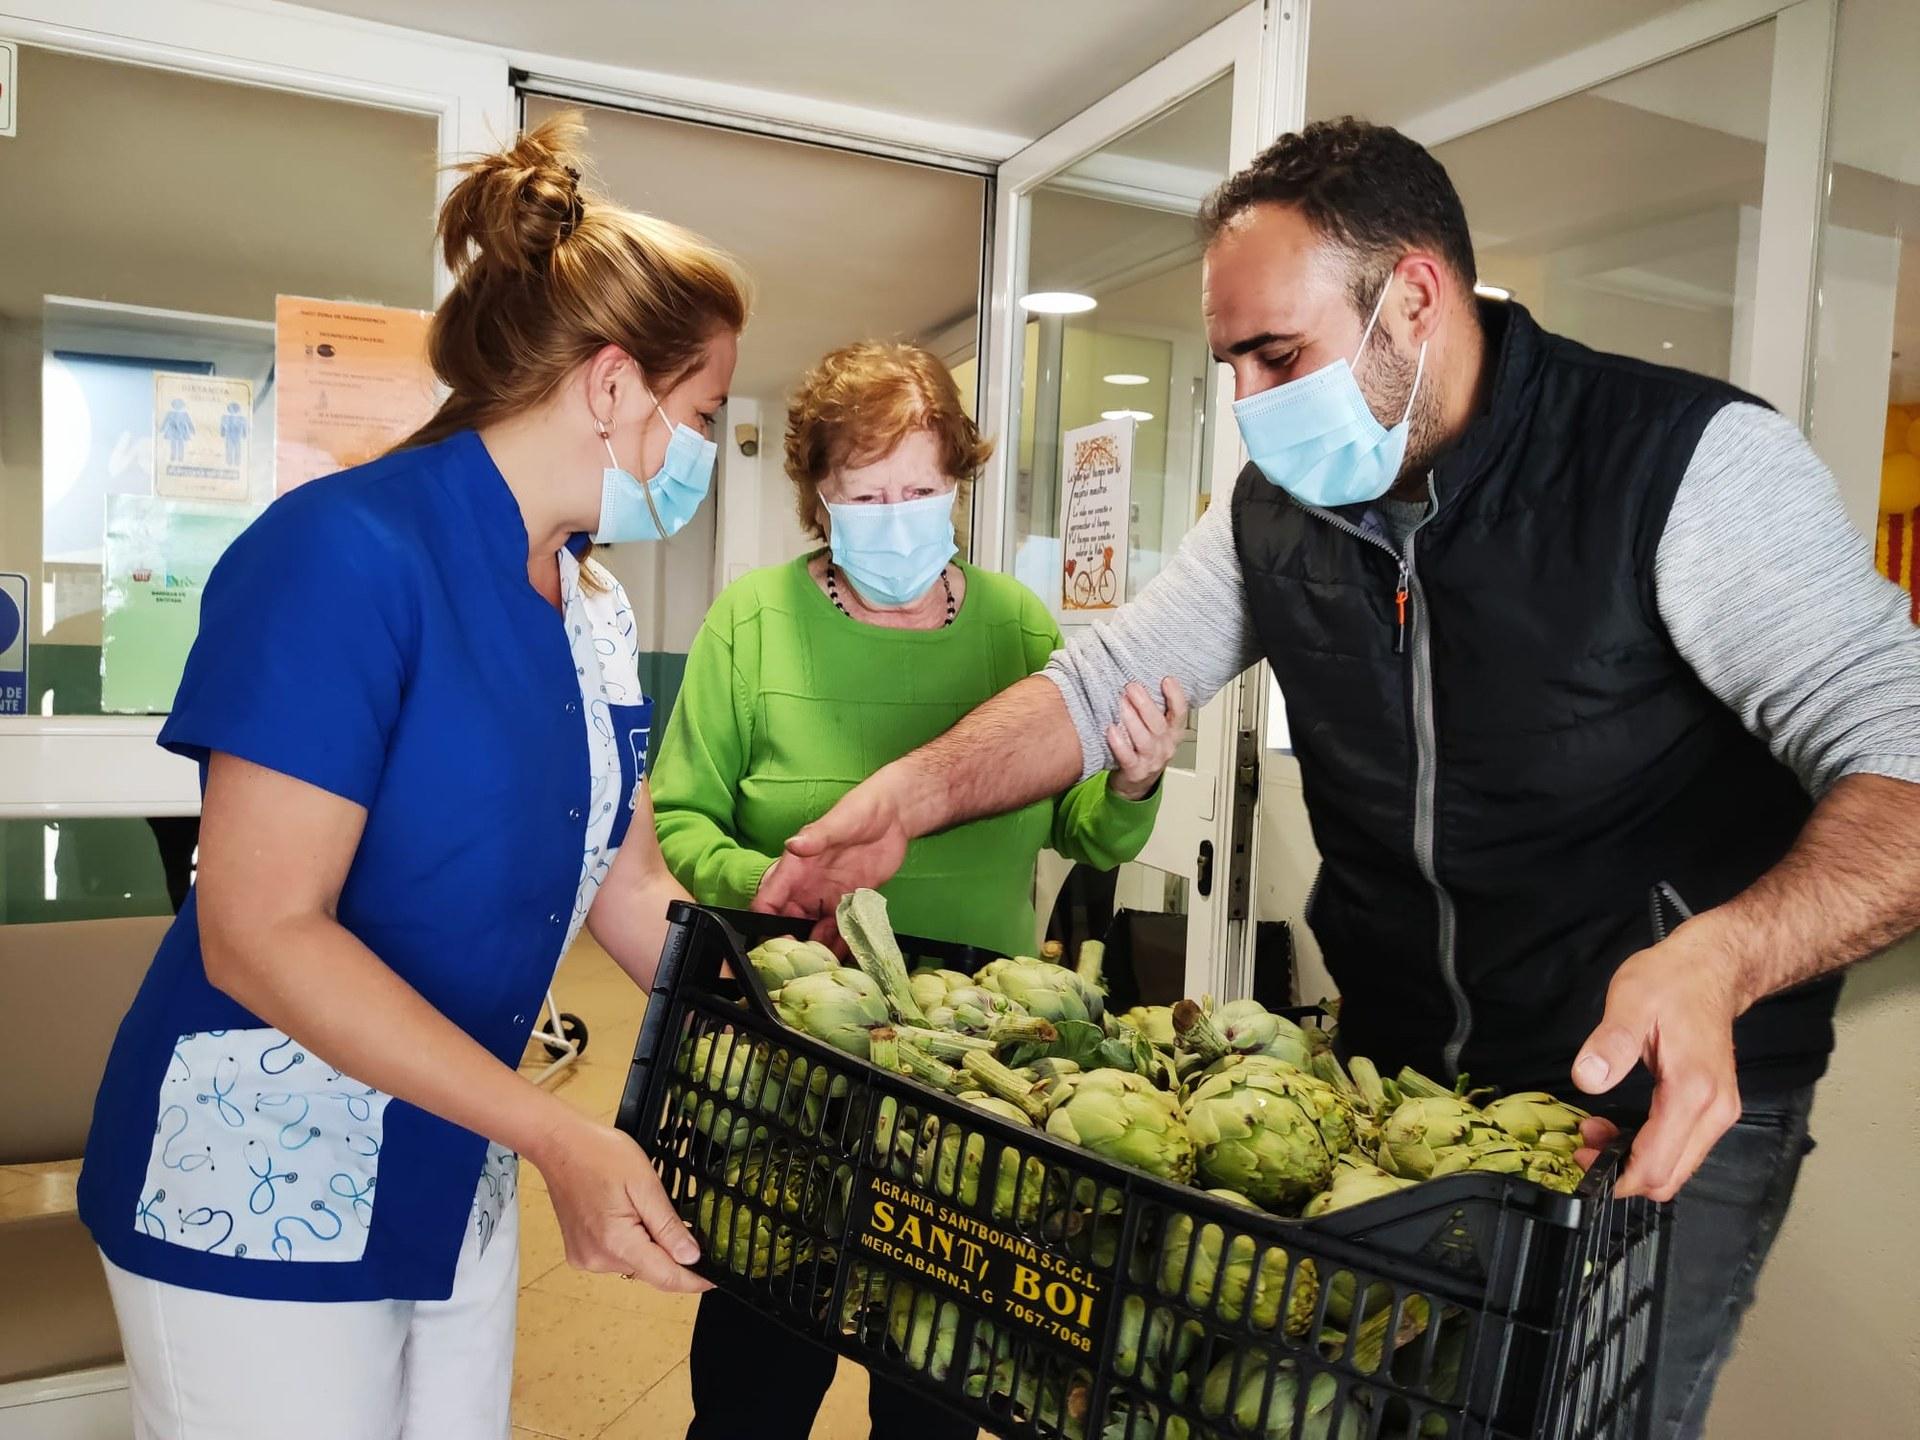 Les residències de gent gran de Sitges reben 250 quilos de carxofes del Baix Llobregat